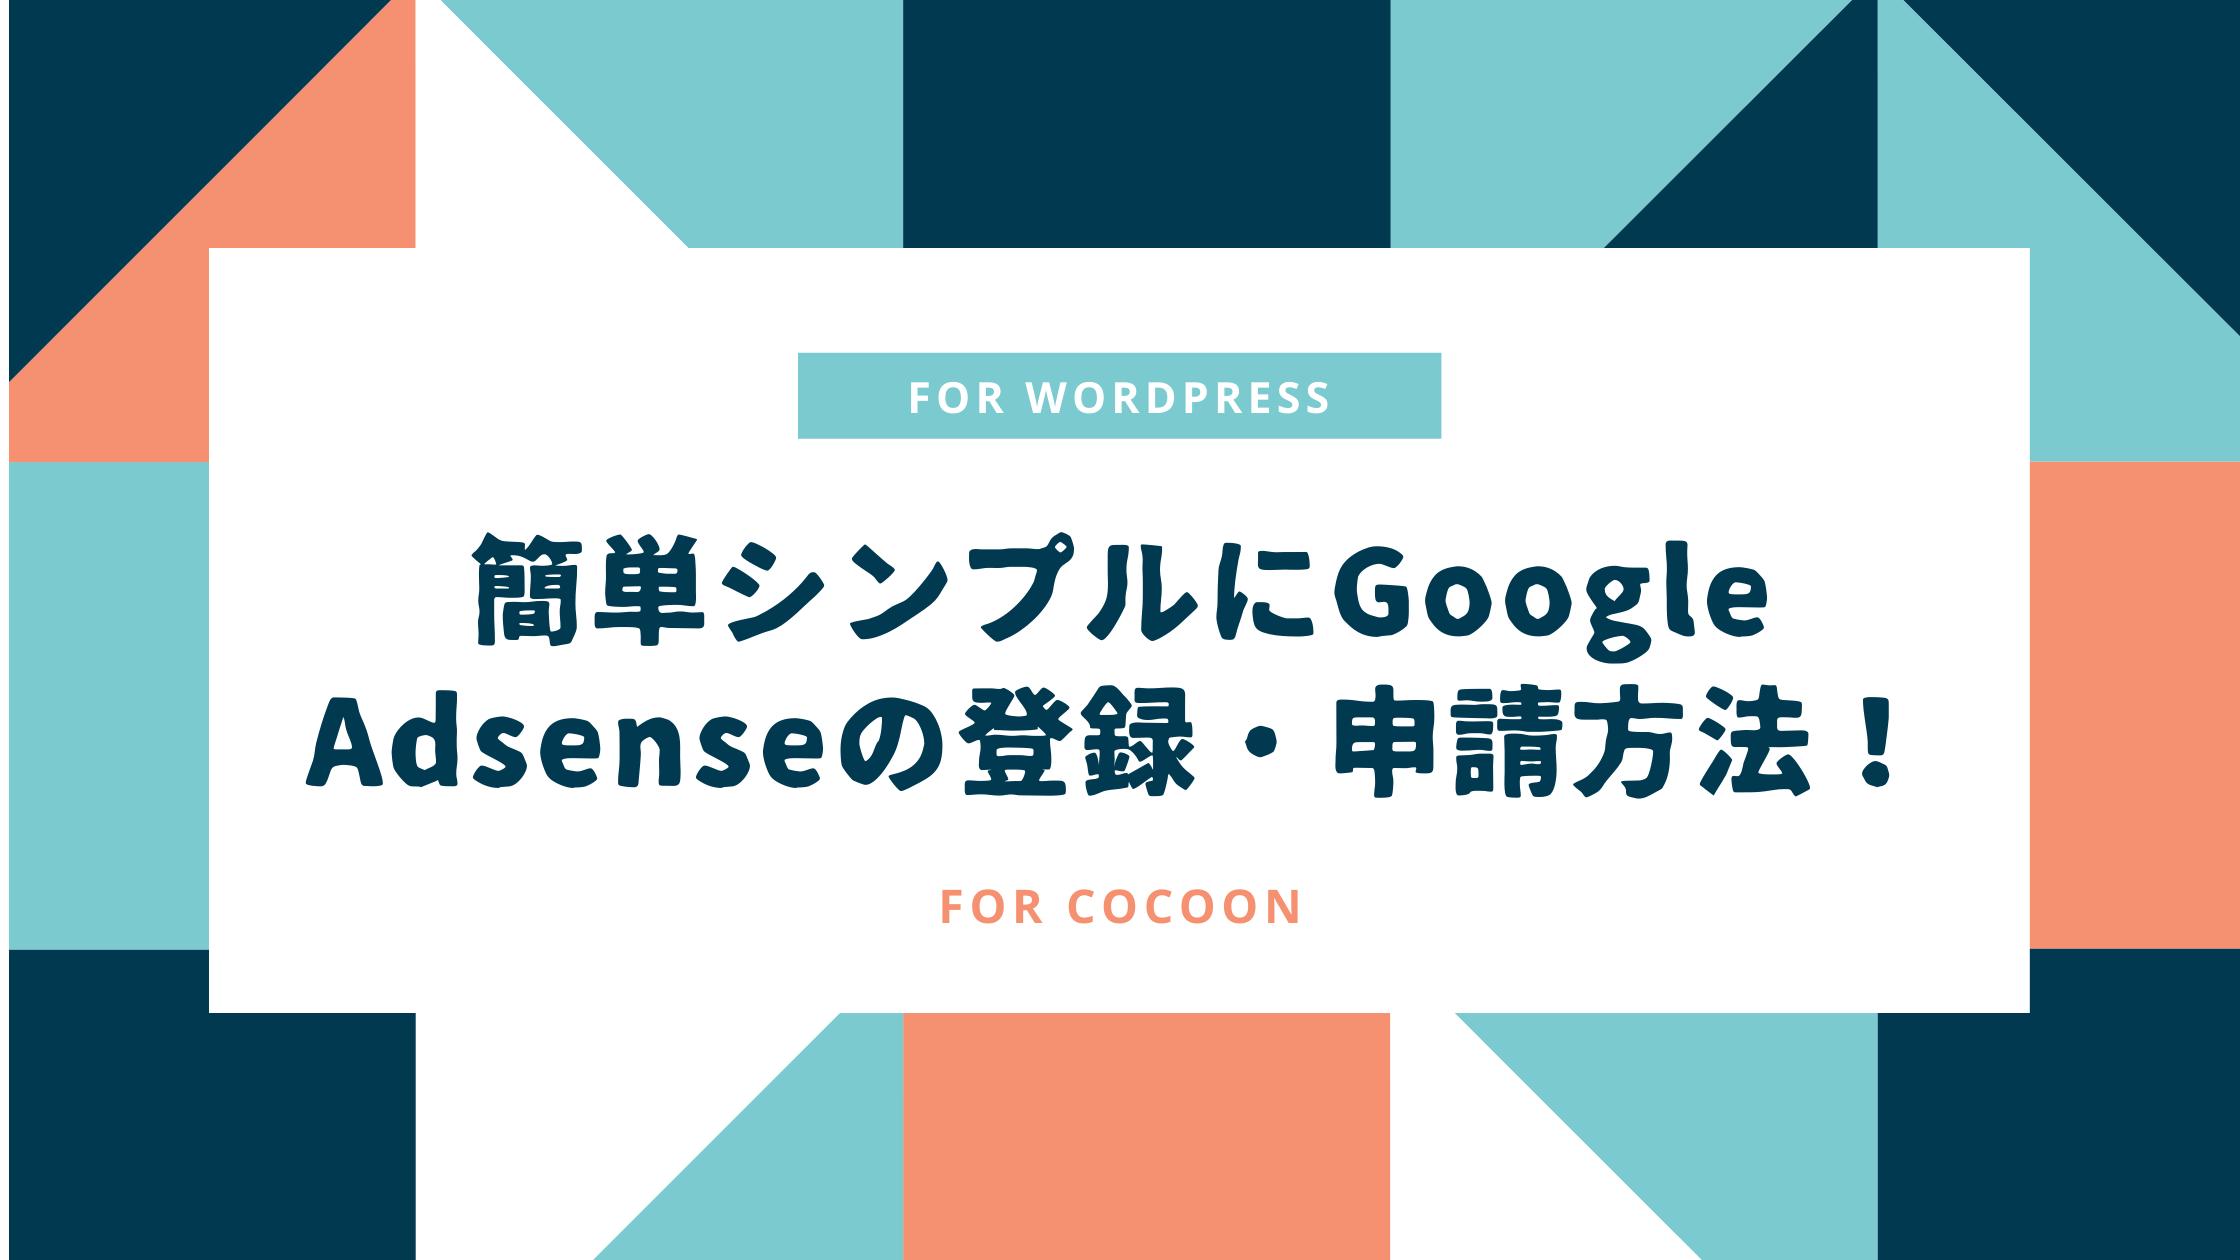 【初心者向け】簡単シンプルにGoogle Adsenseの登録・申請方法!【WordPress】